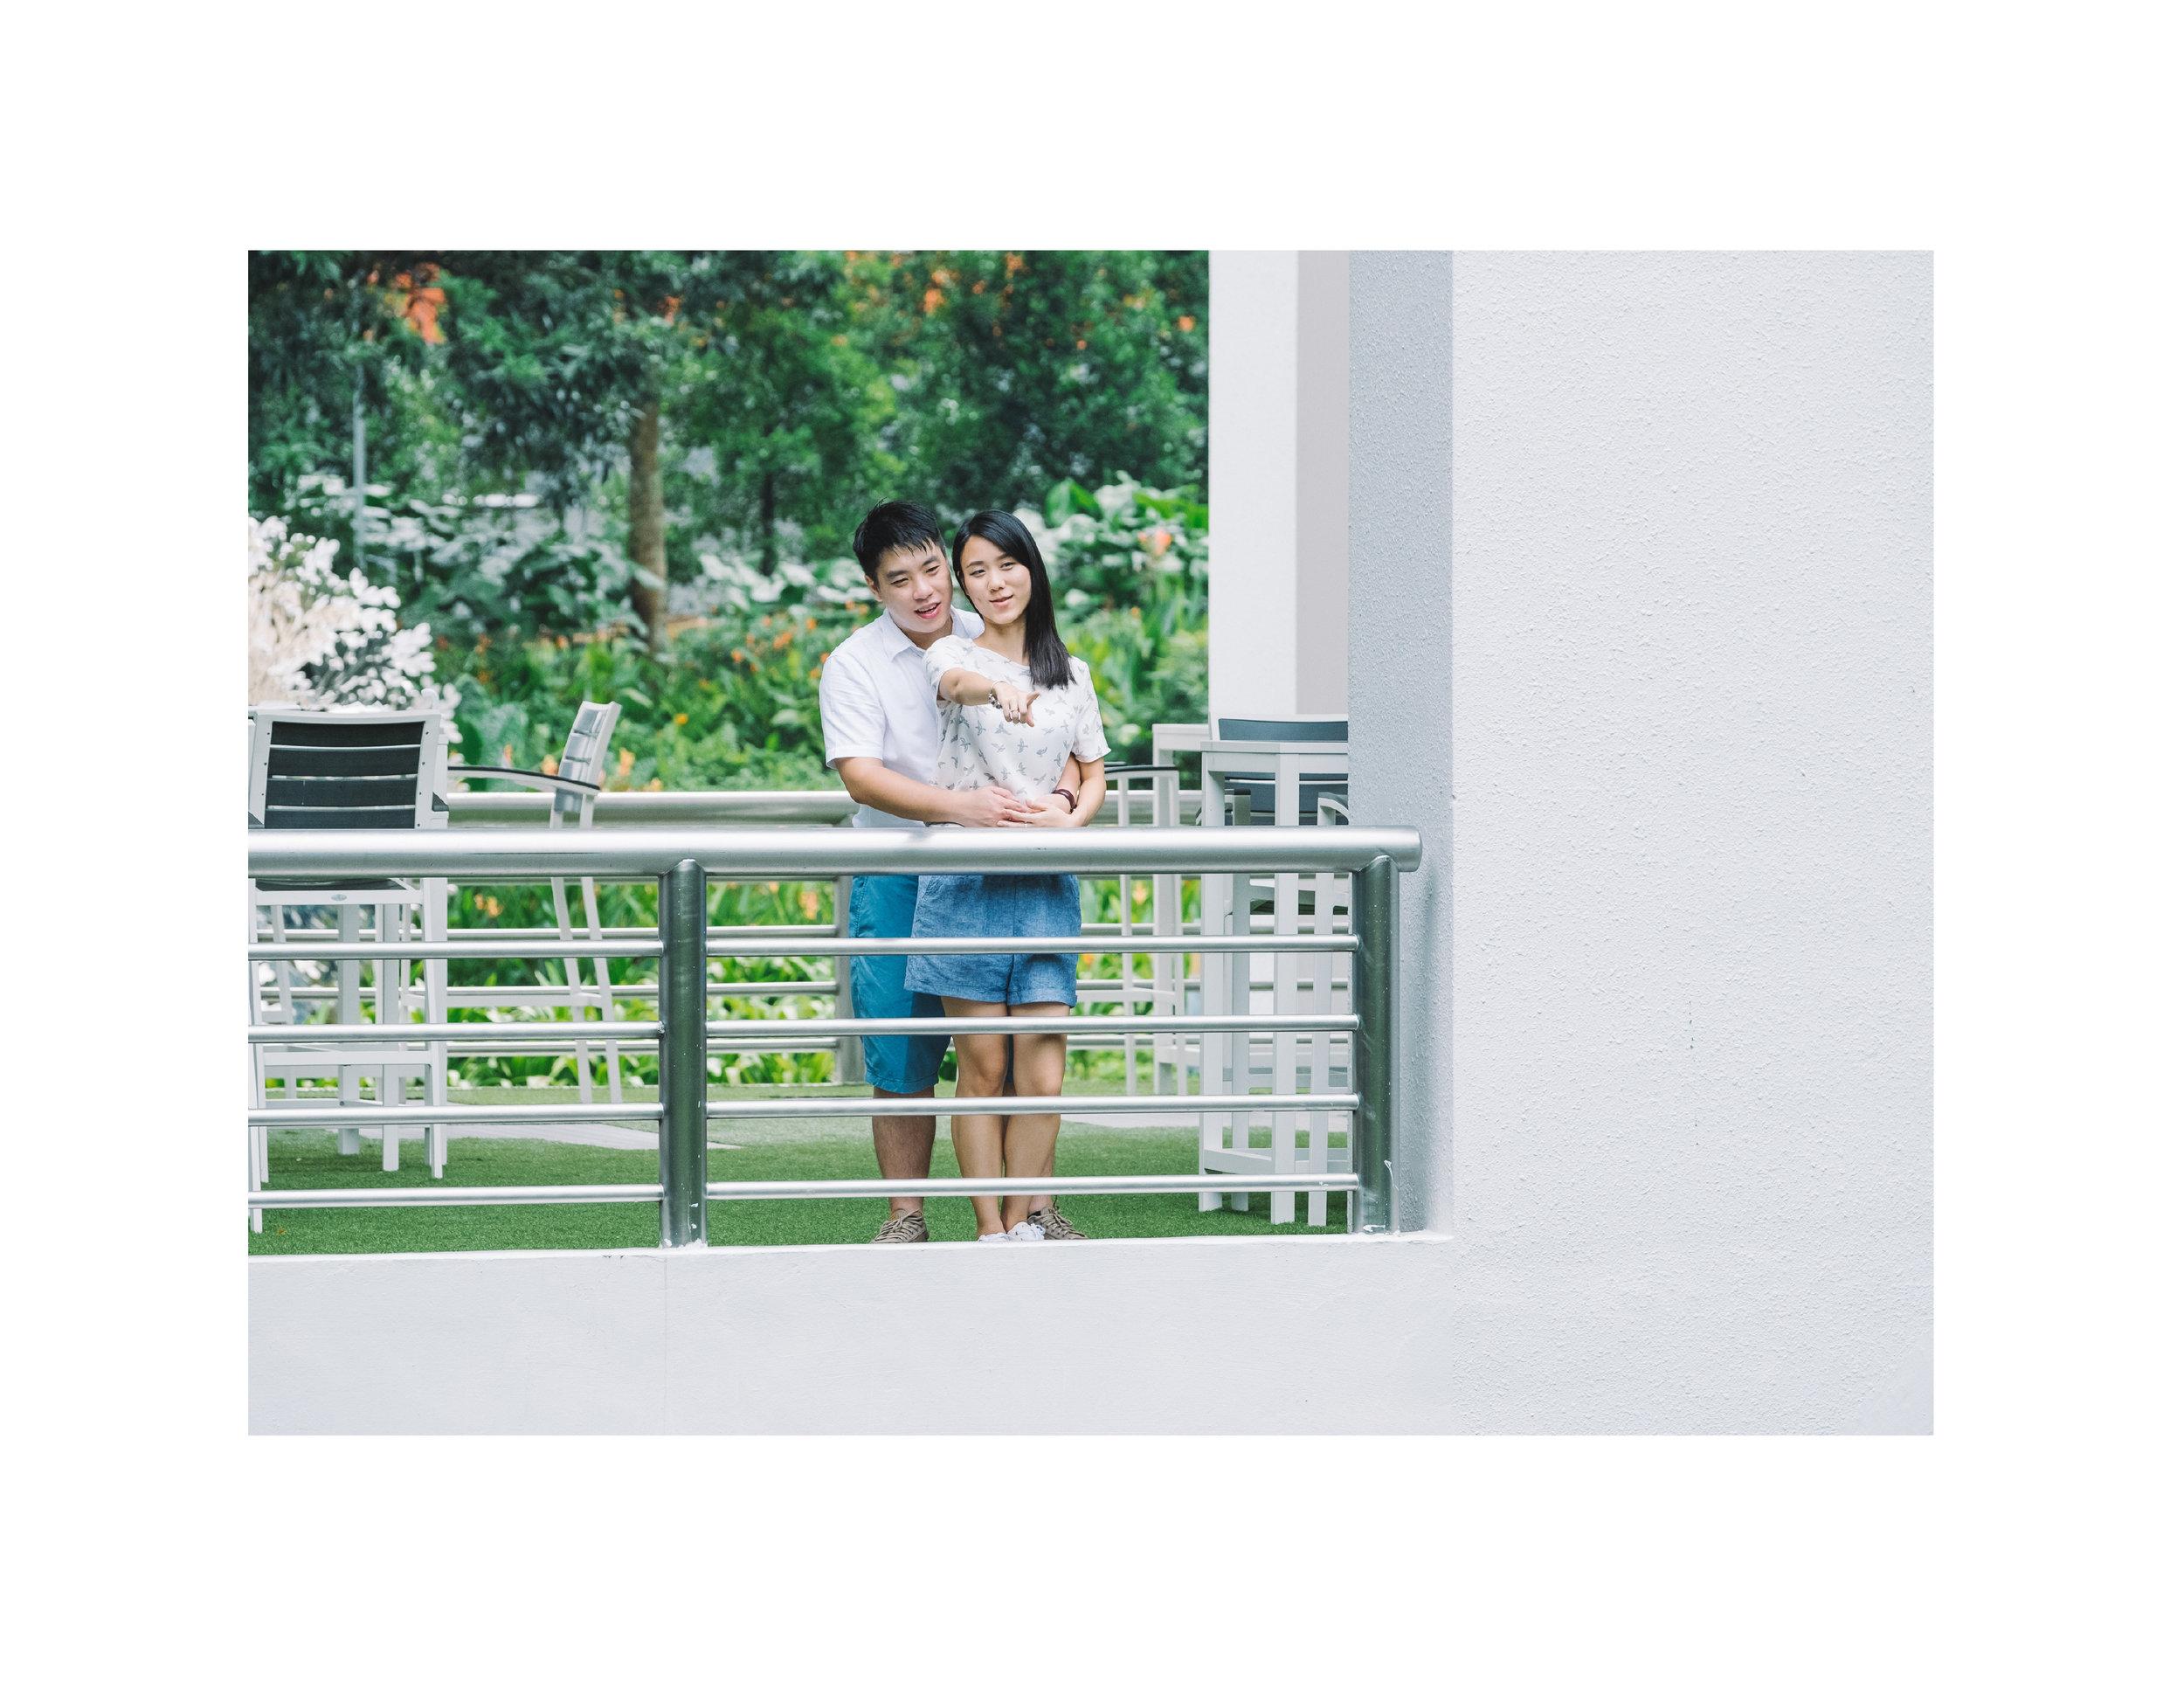 Joseph & Siu Wen_11x8.5in_23.jpg